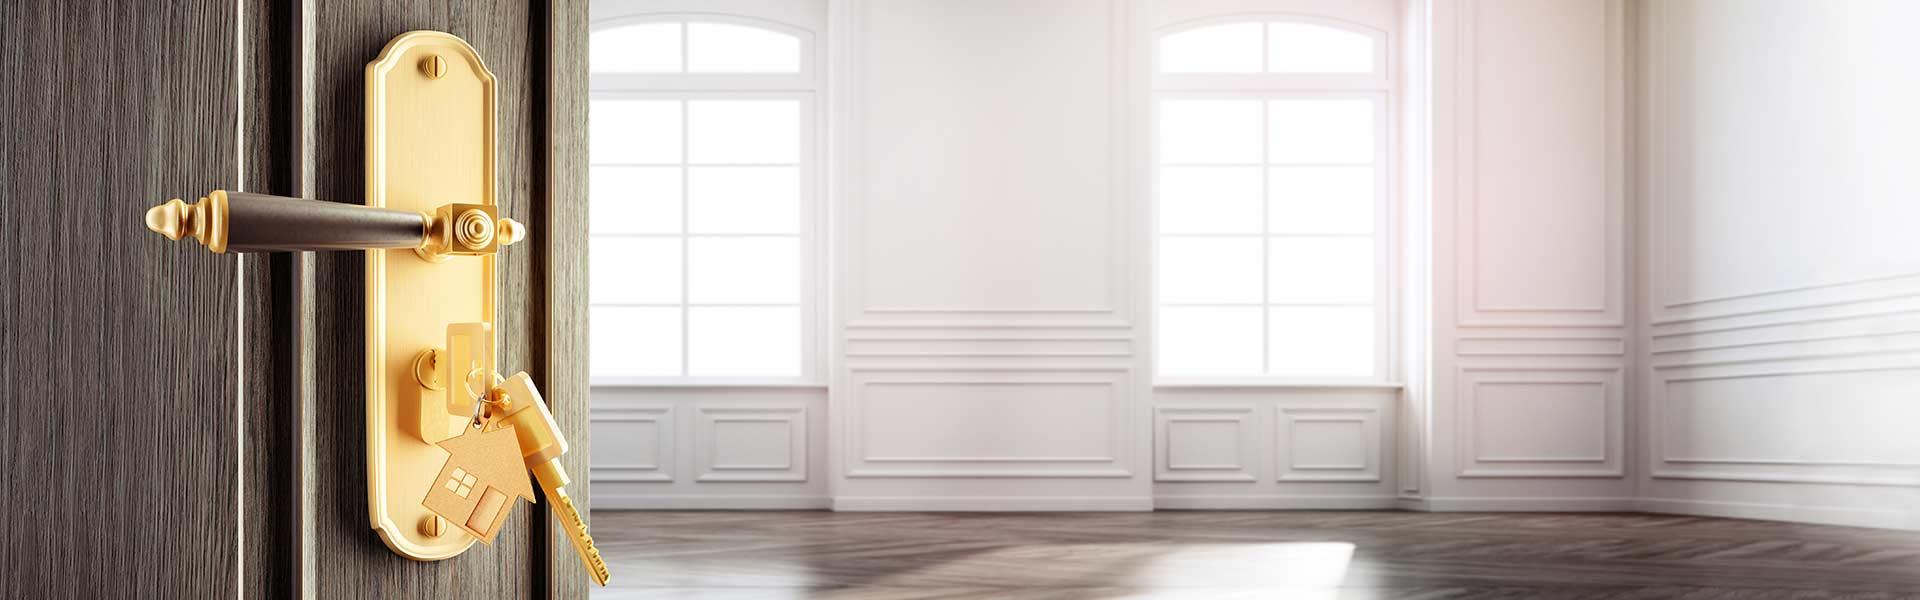 Altbauwohnung mit dunkler Tür